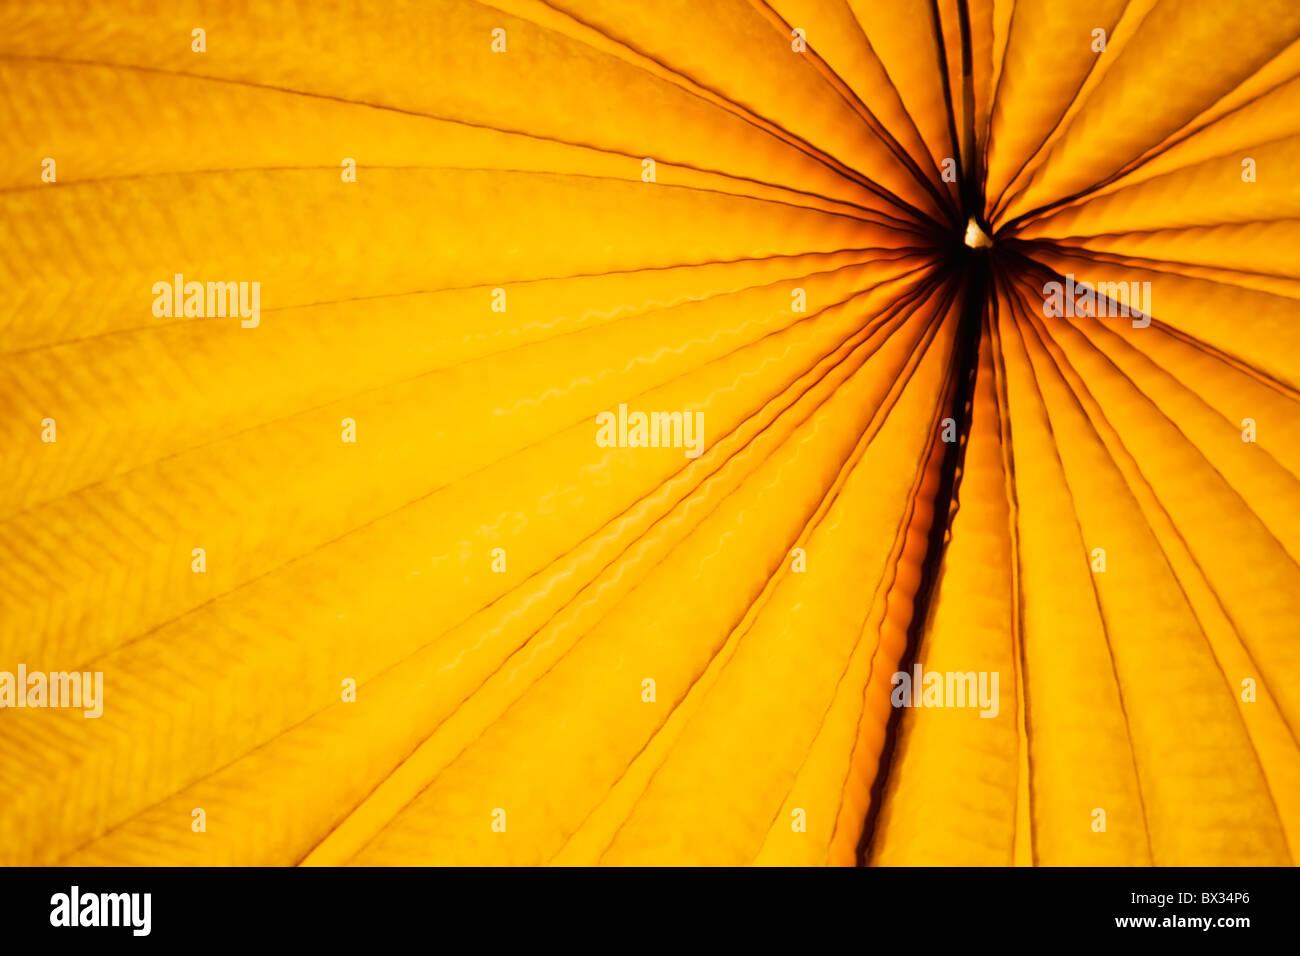 La carta cinese lanterna per illuminare la spia arancione di notte Immagini Stock